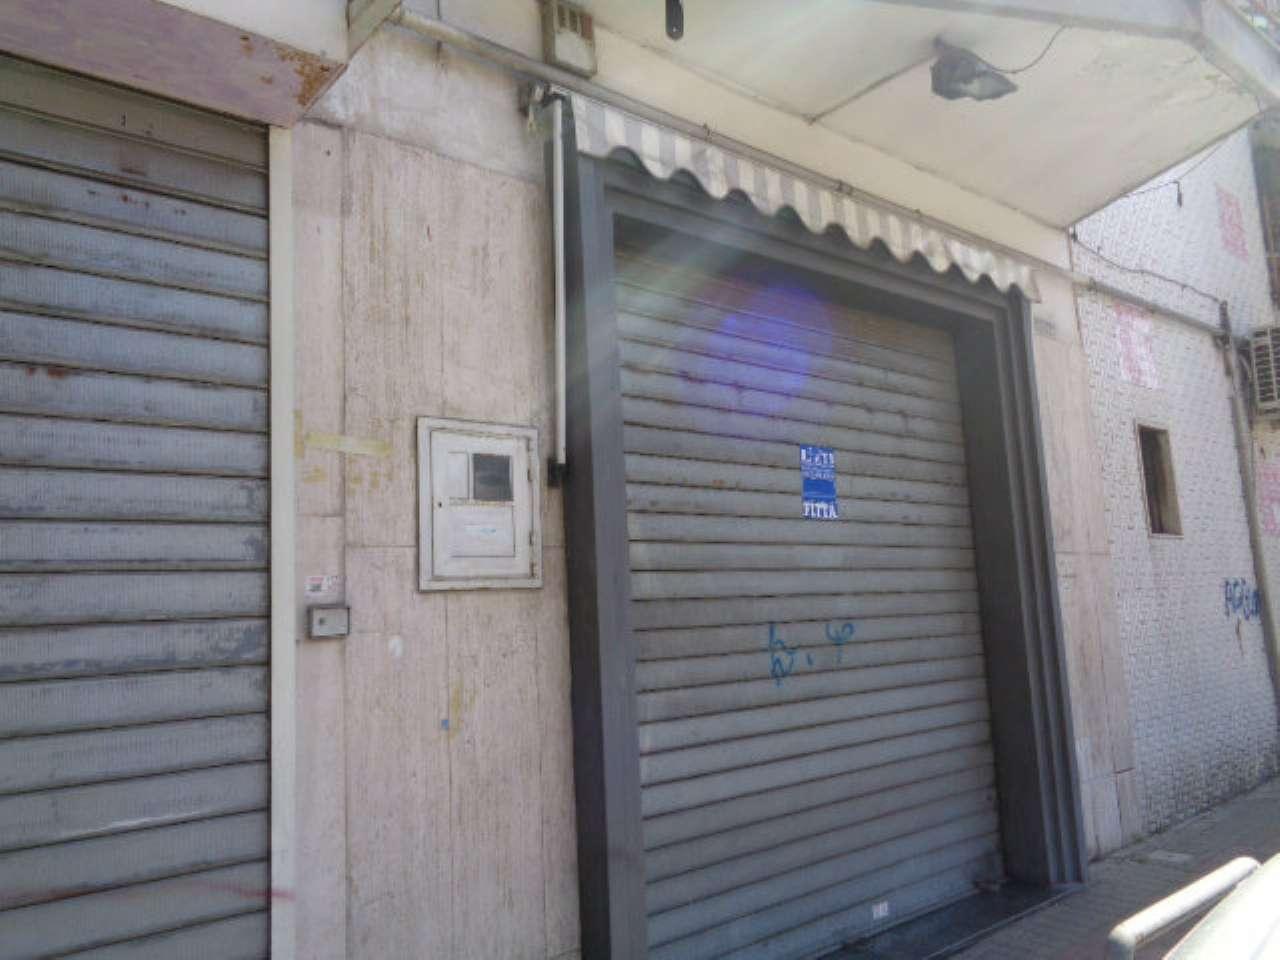 Negozio / Locale in affitto a Marano di Napoli, 1 locali, prezzo € 520 | CambioCasa.it